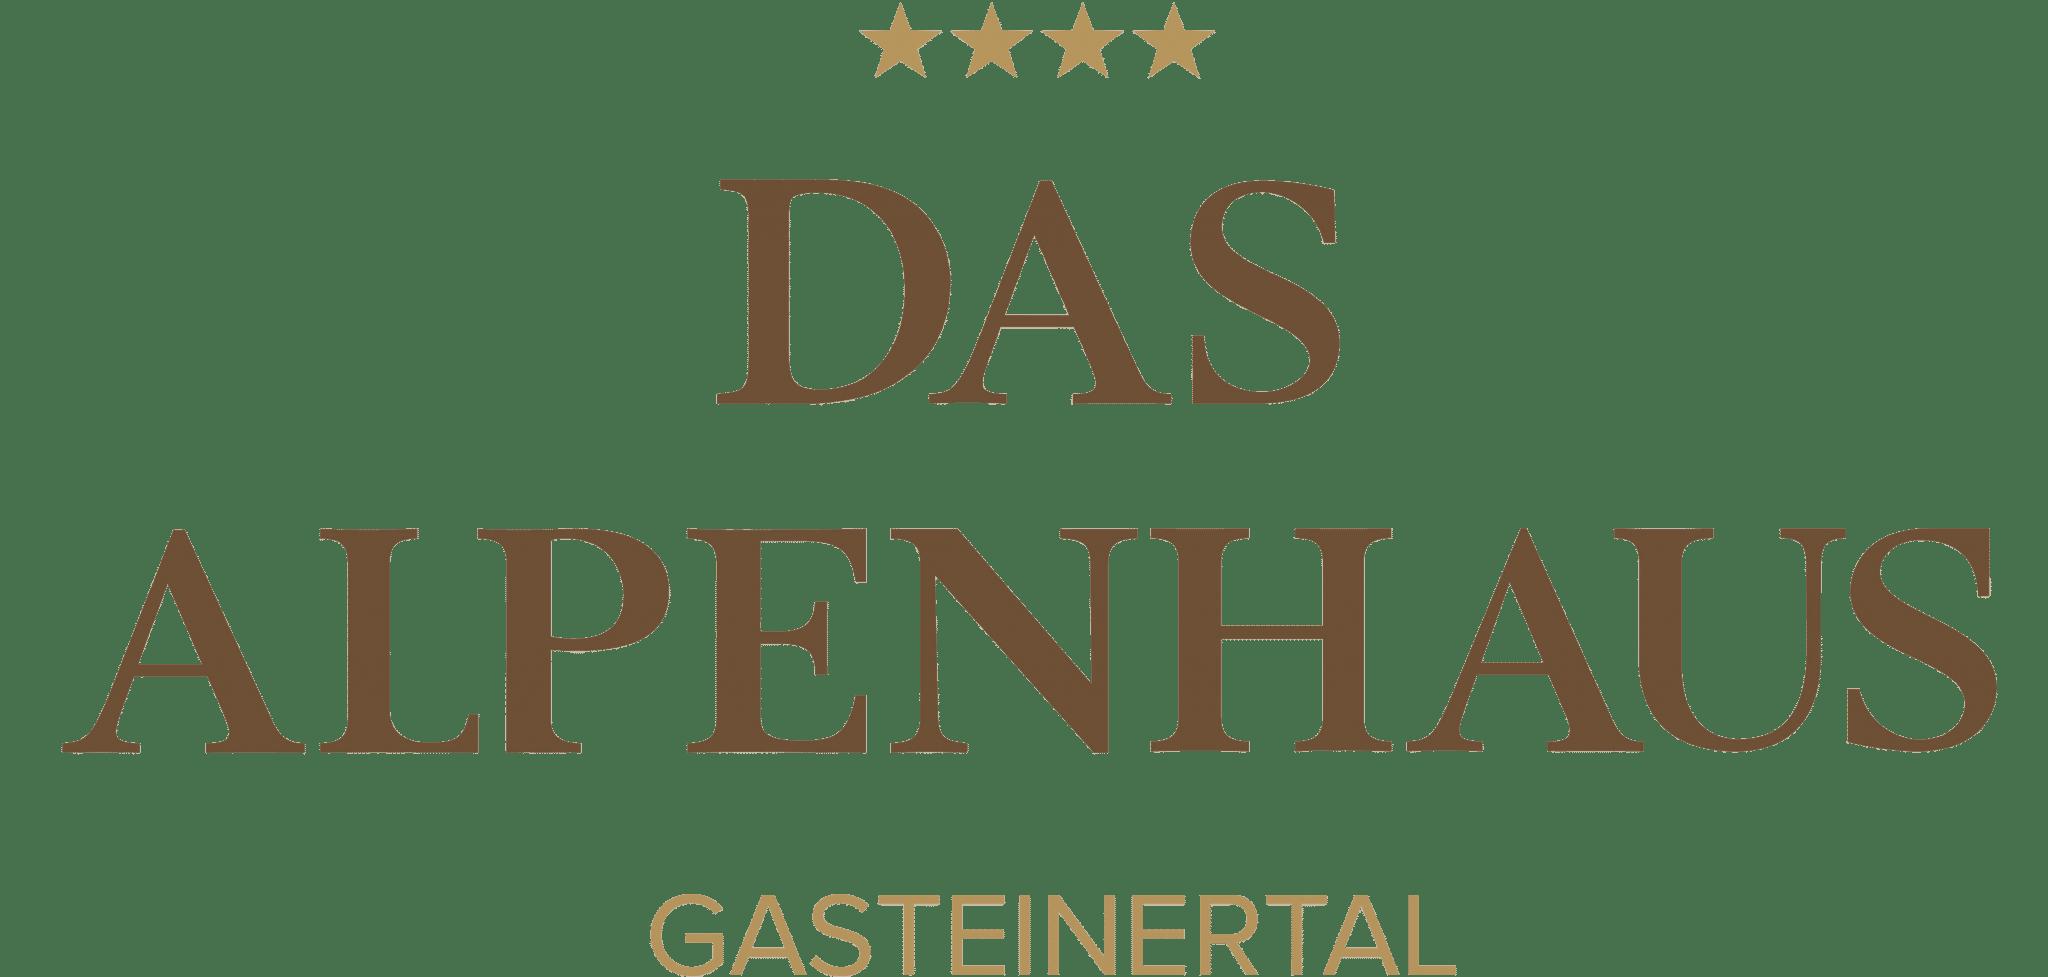 ALPENHAUS_GASTEIN Logox